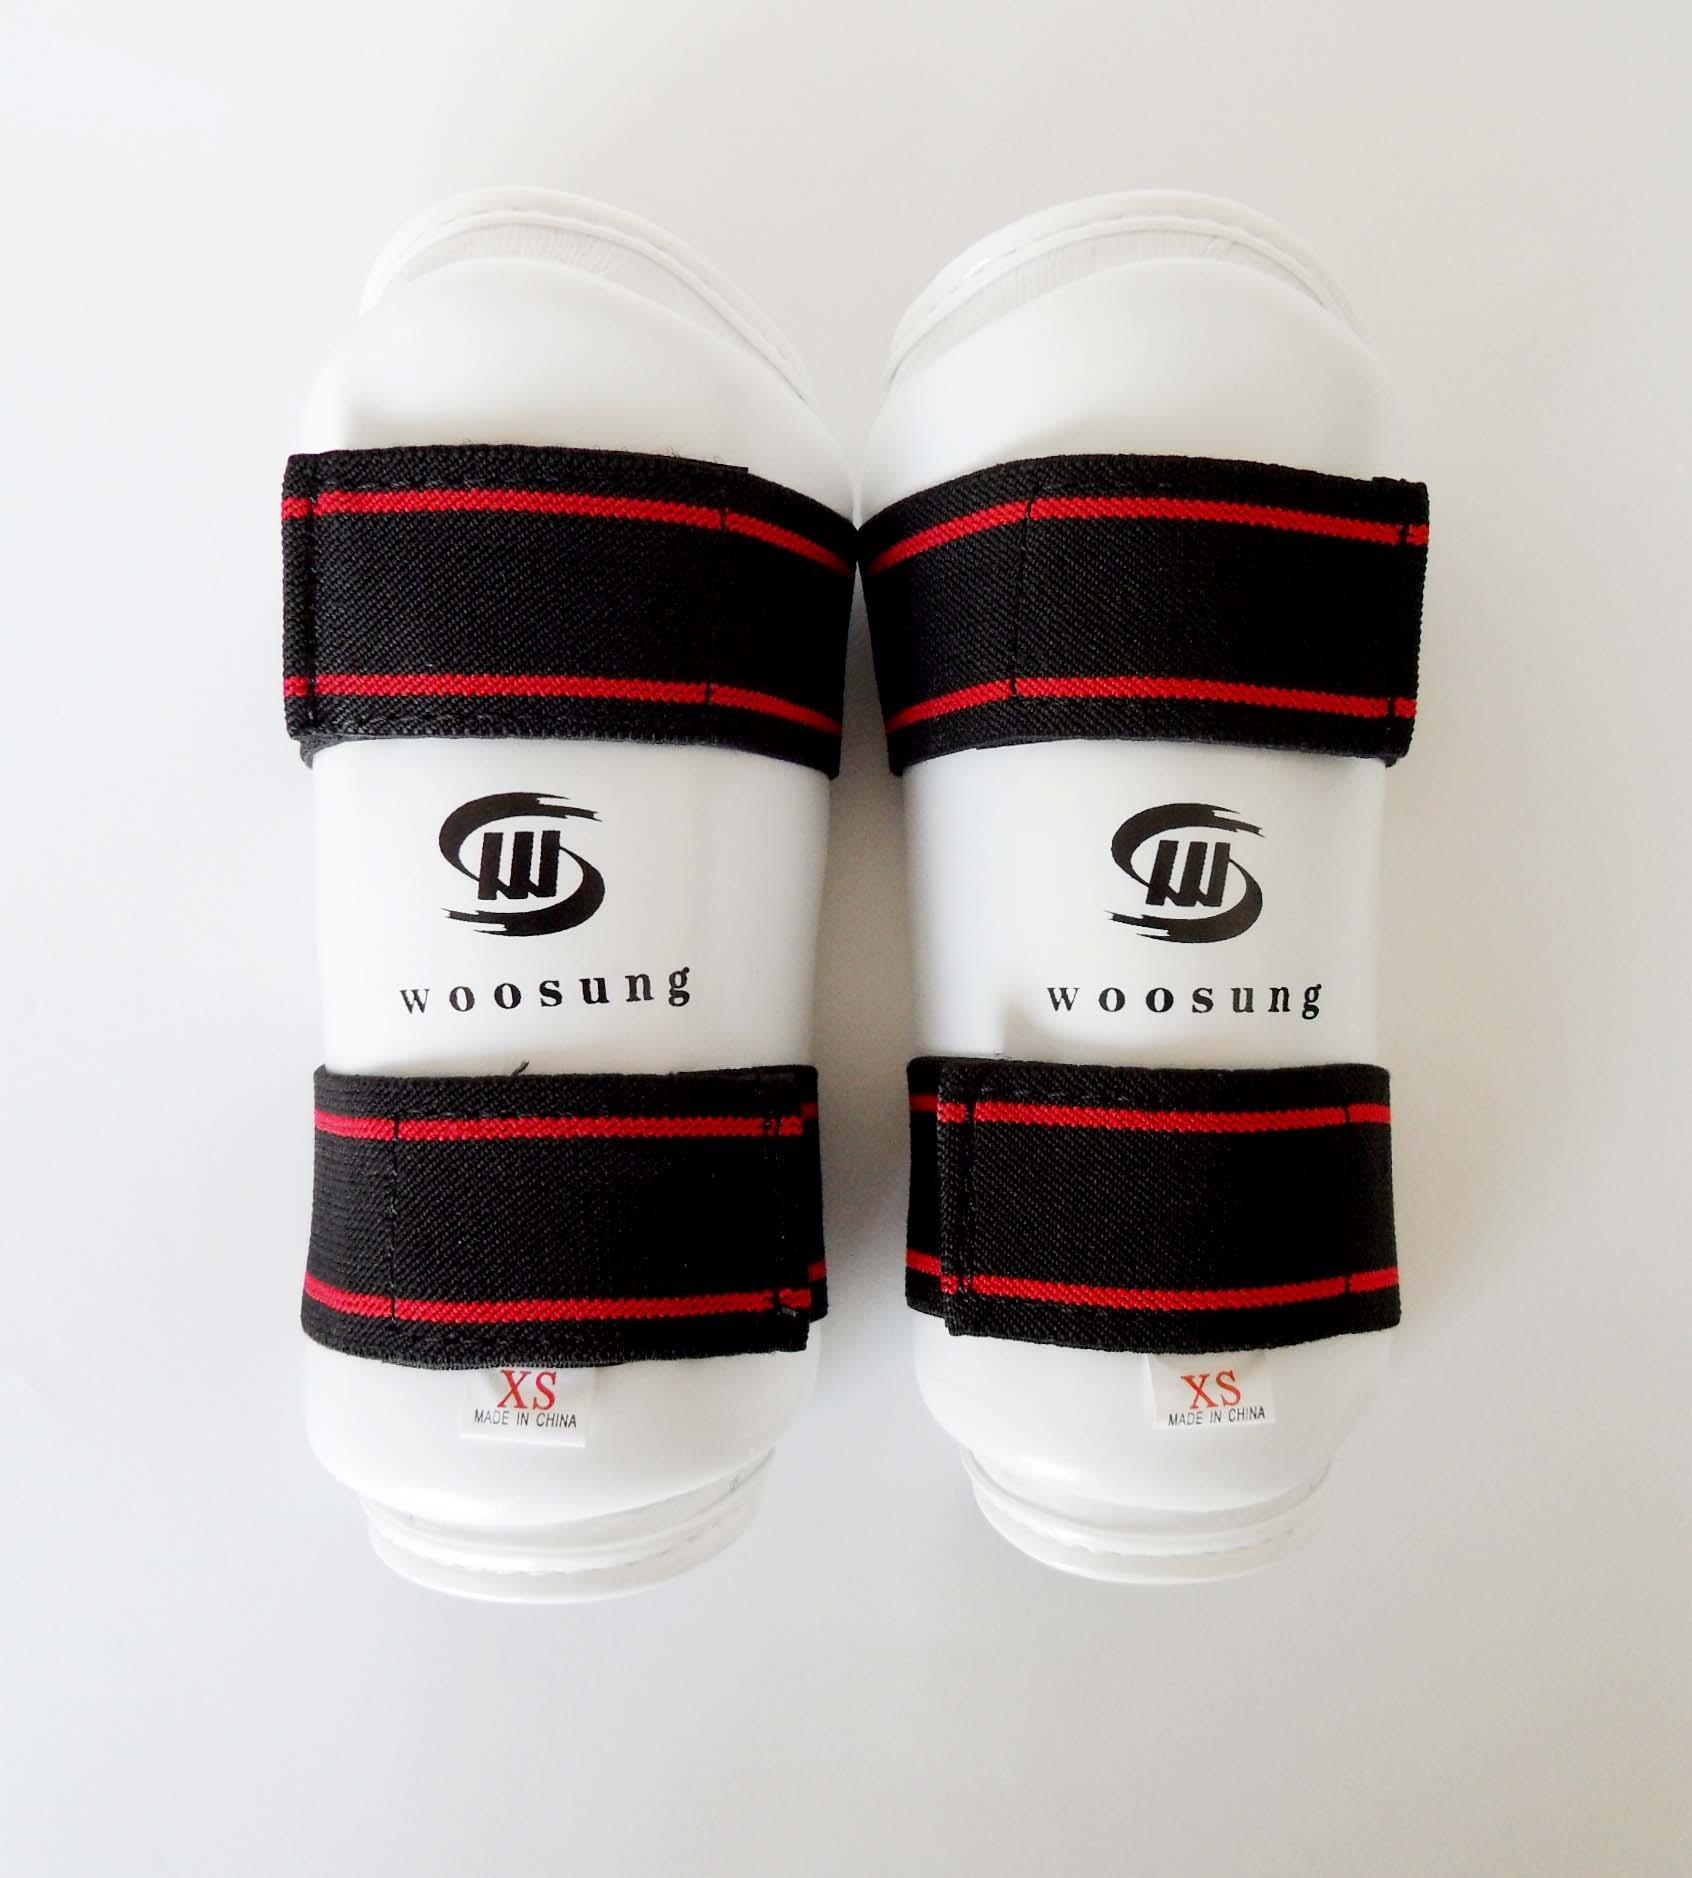 跆拳道护具 护臂 空手道护具正品武圣专业护具训练比赛都安全适用